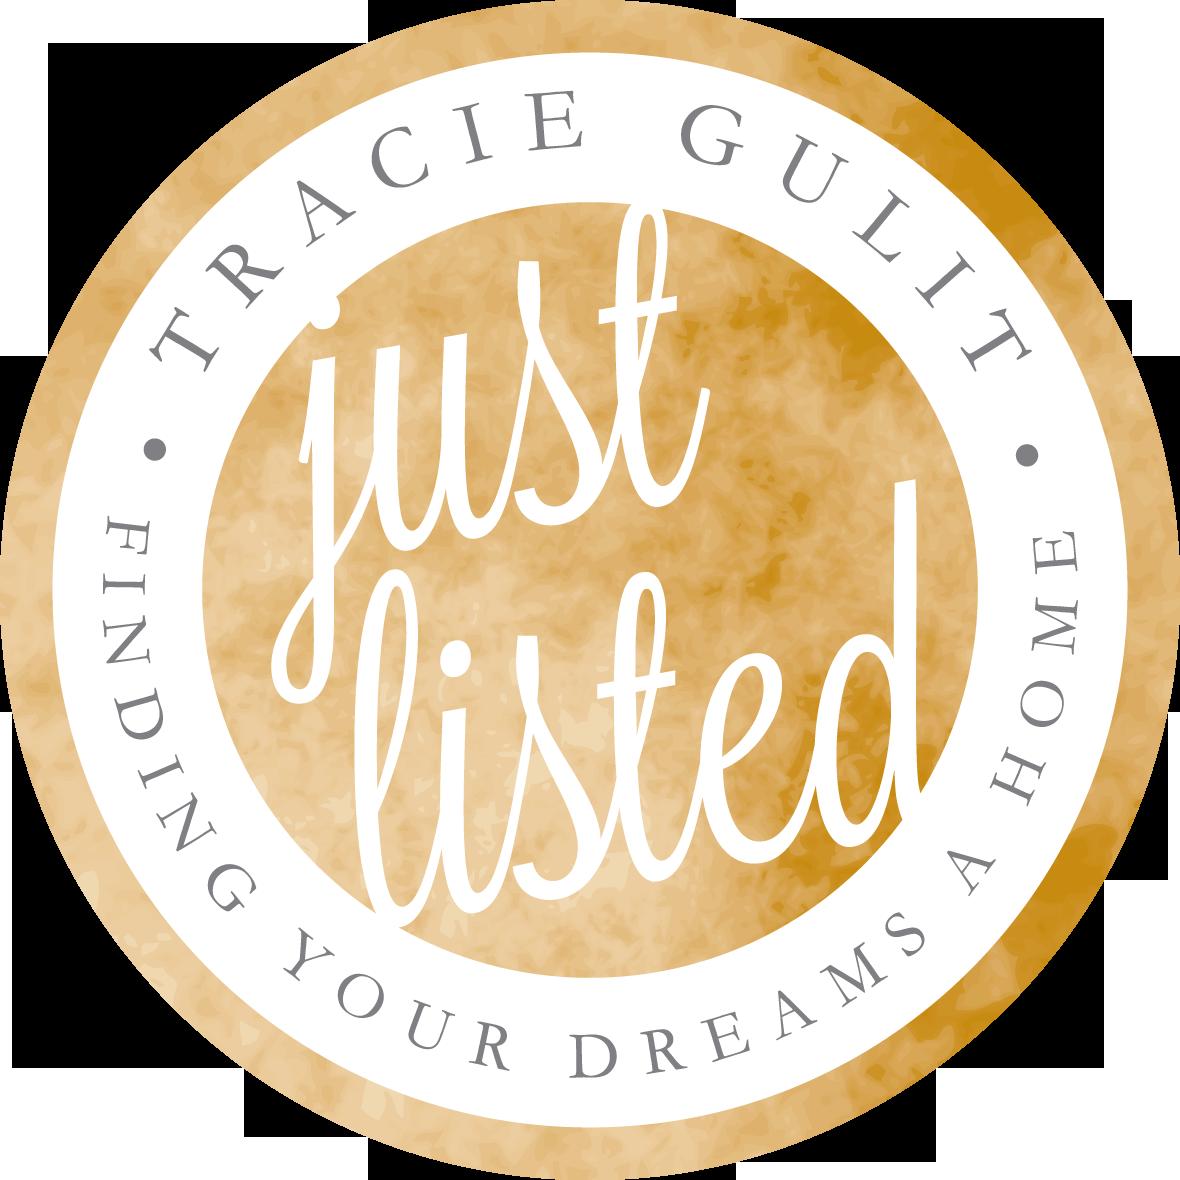 TracieGulit_JustList